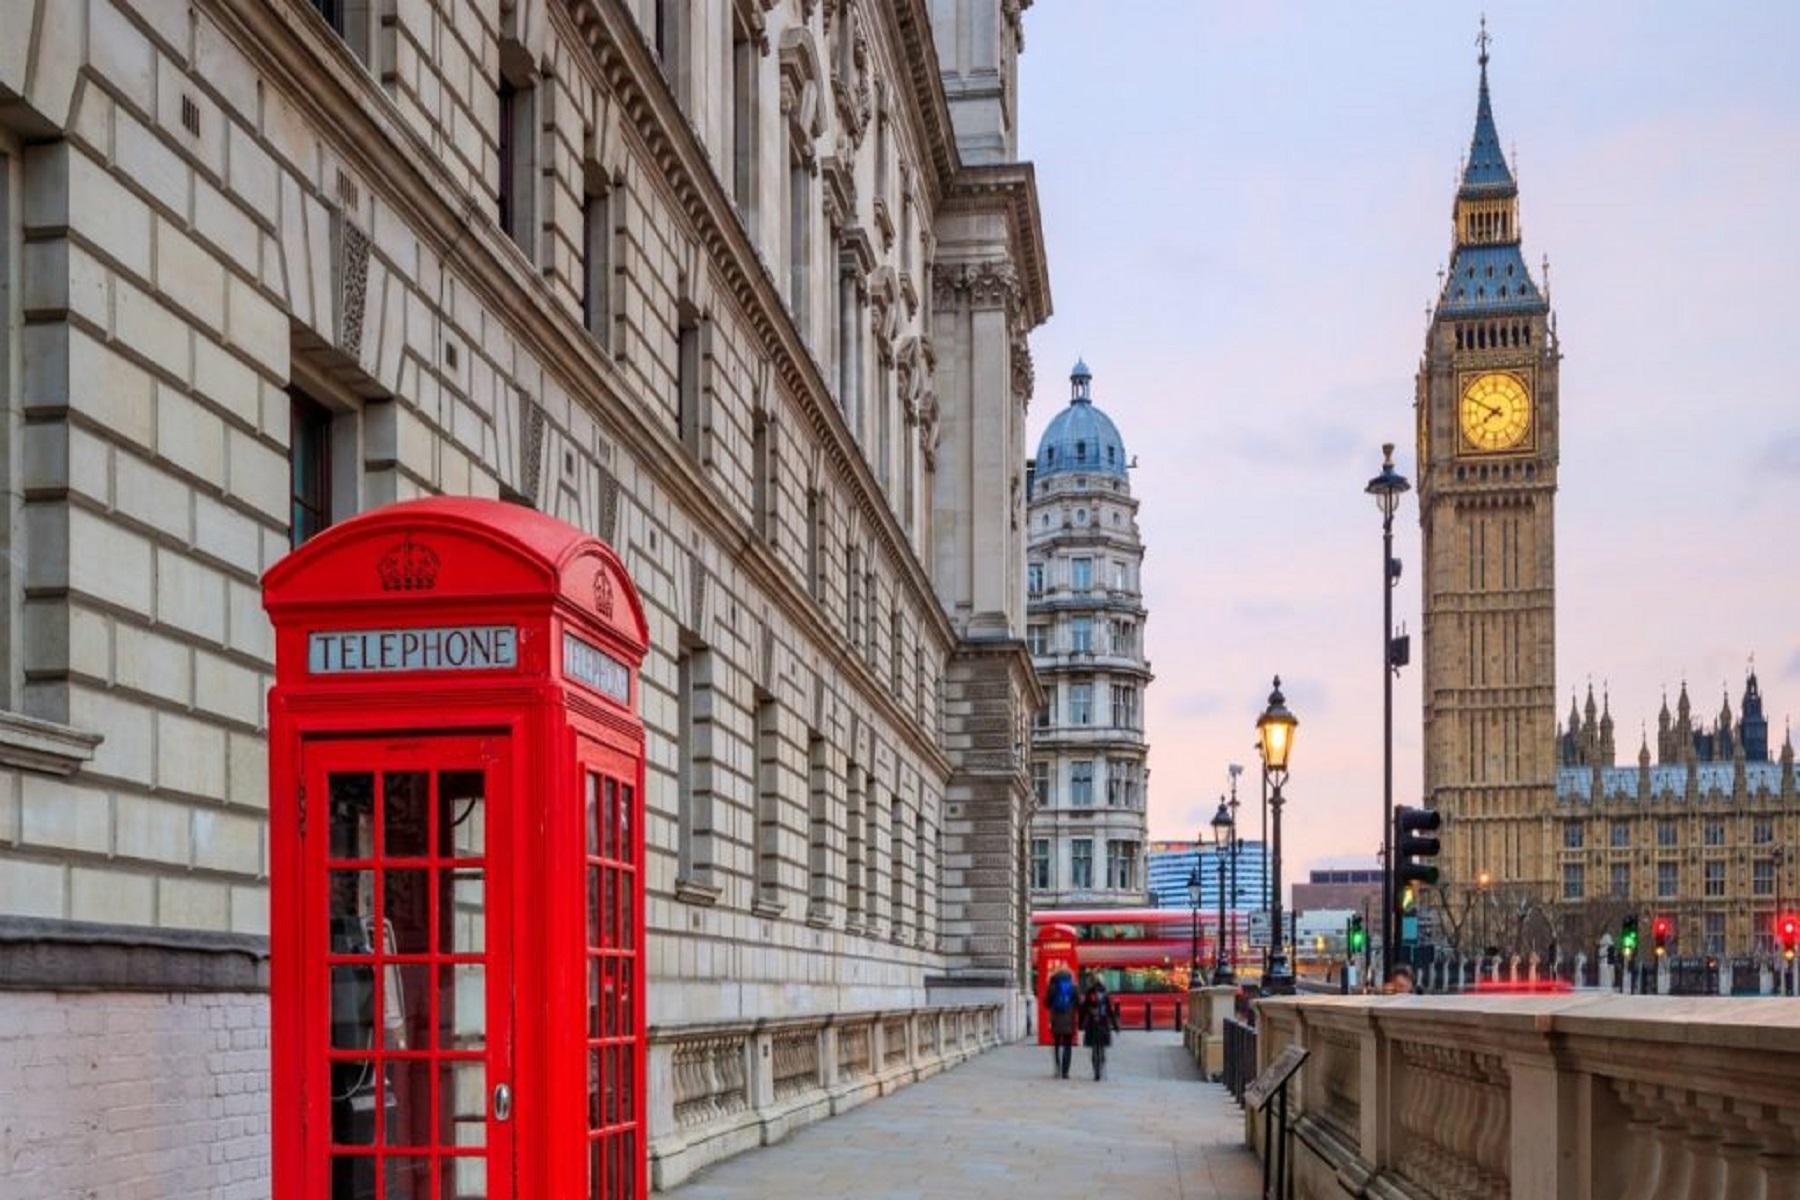 Λονδίνο Covid-19: Εκούσια έκθεση υγιών ανθρώπων στον κορωνοϊό έναντι 6.200 δολαρίων